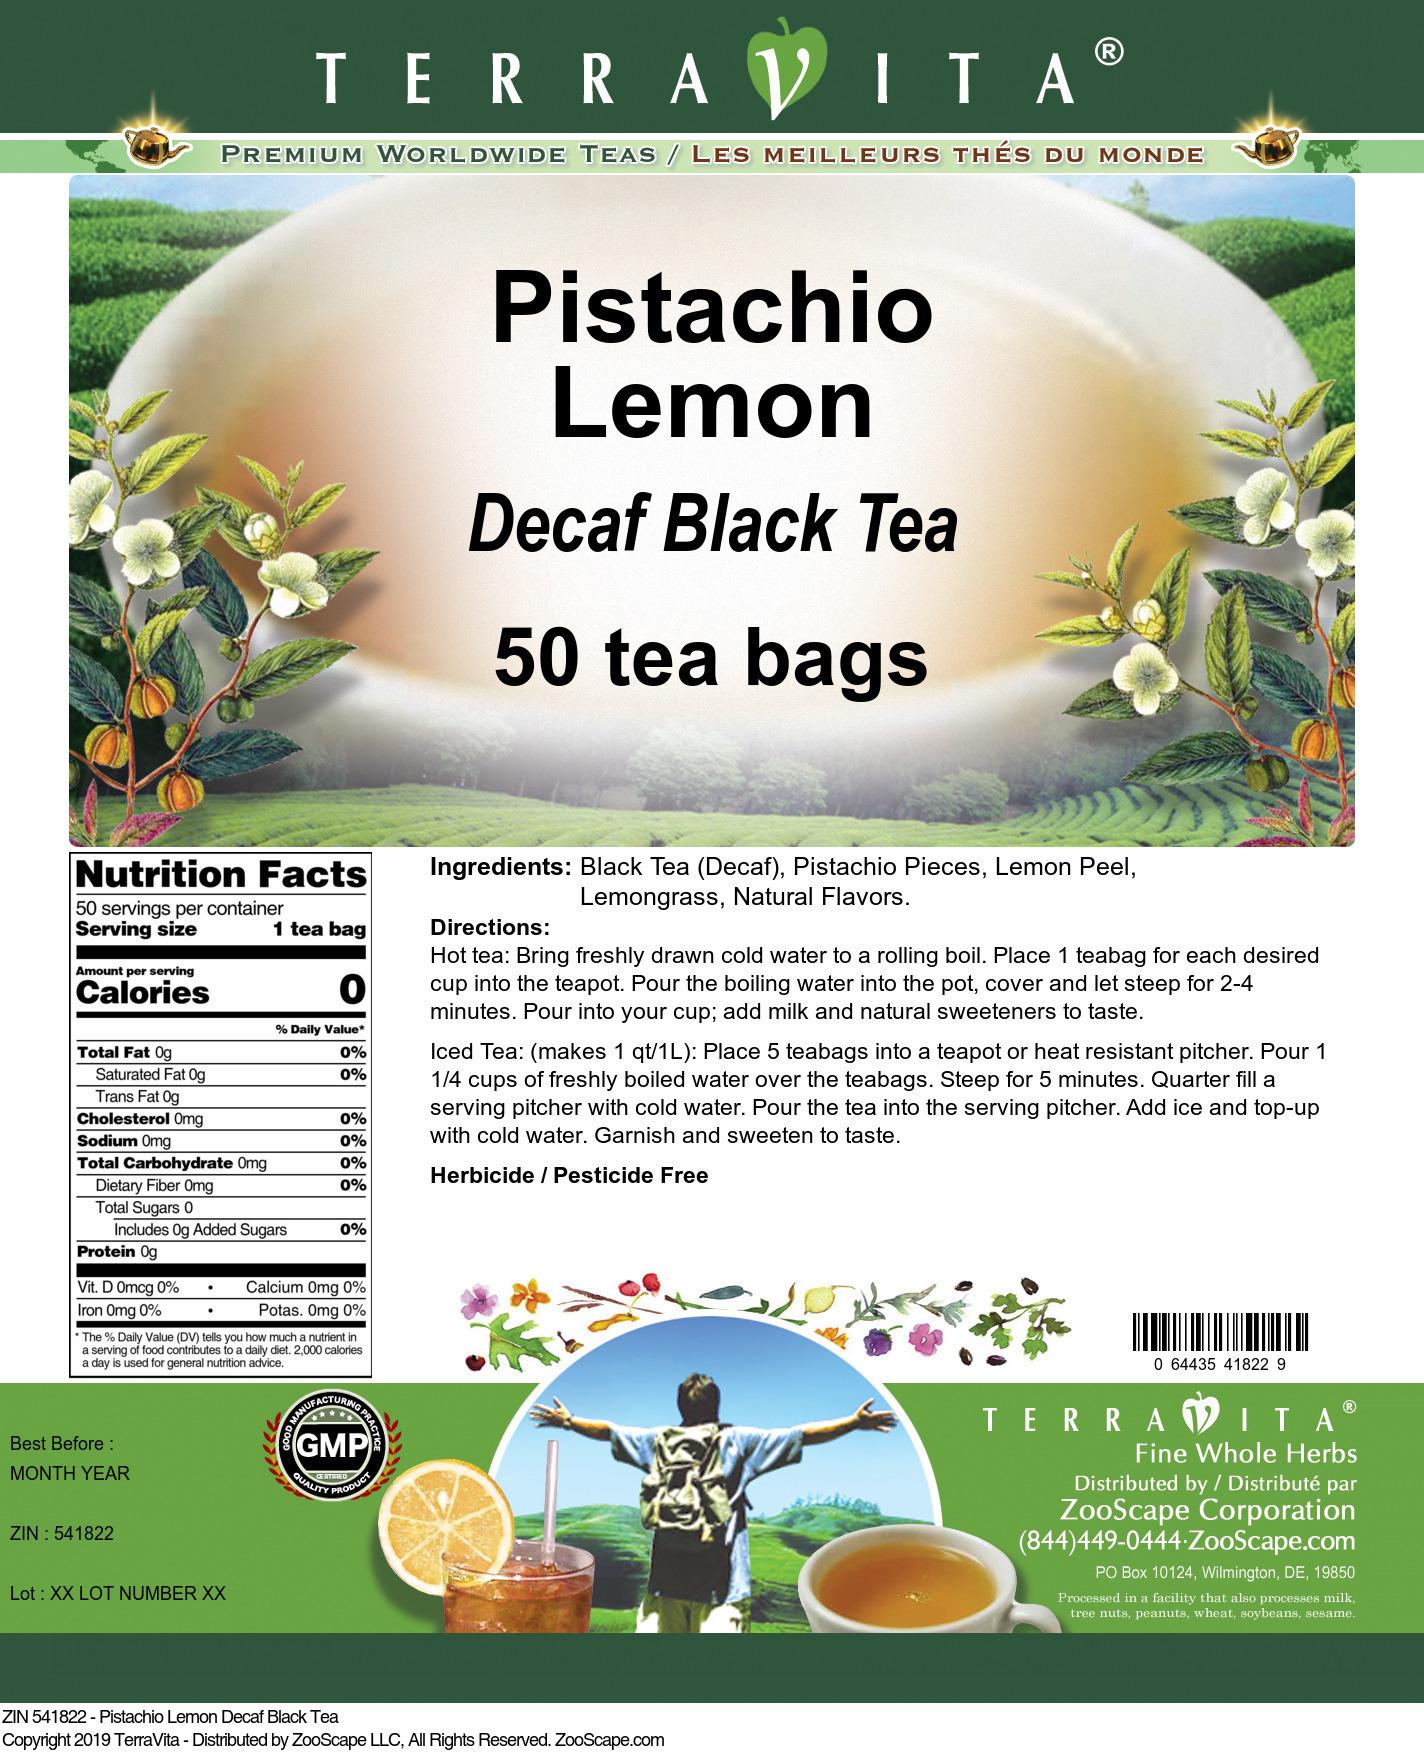 Pistachio Lemon Decaf Black Tea